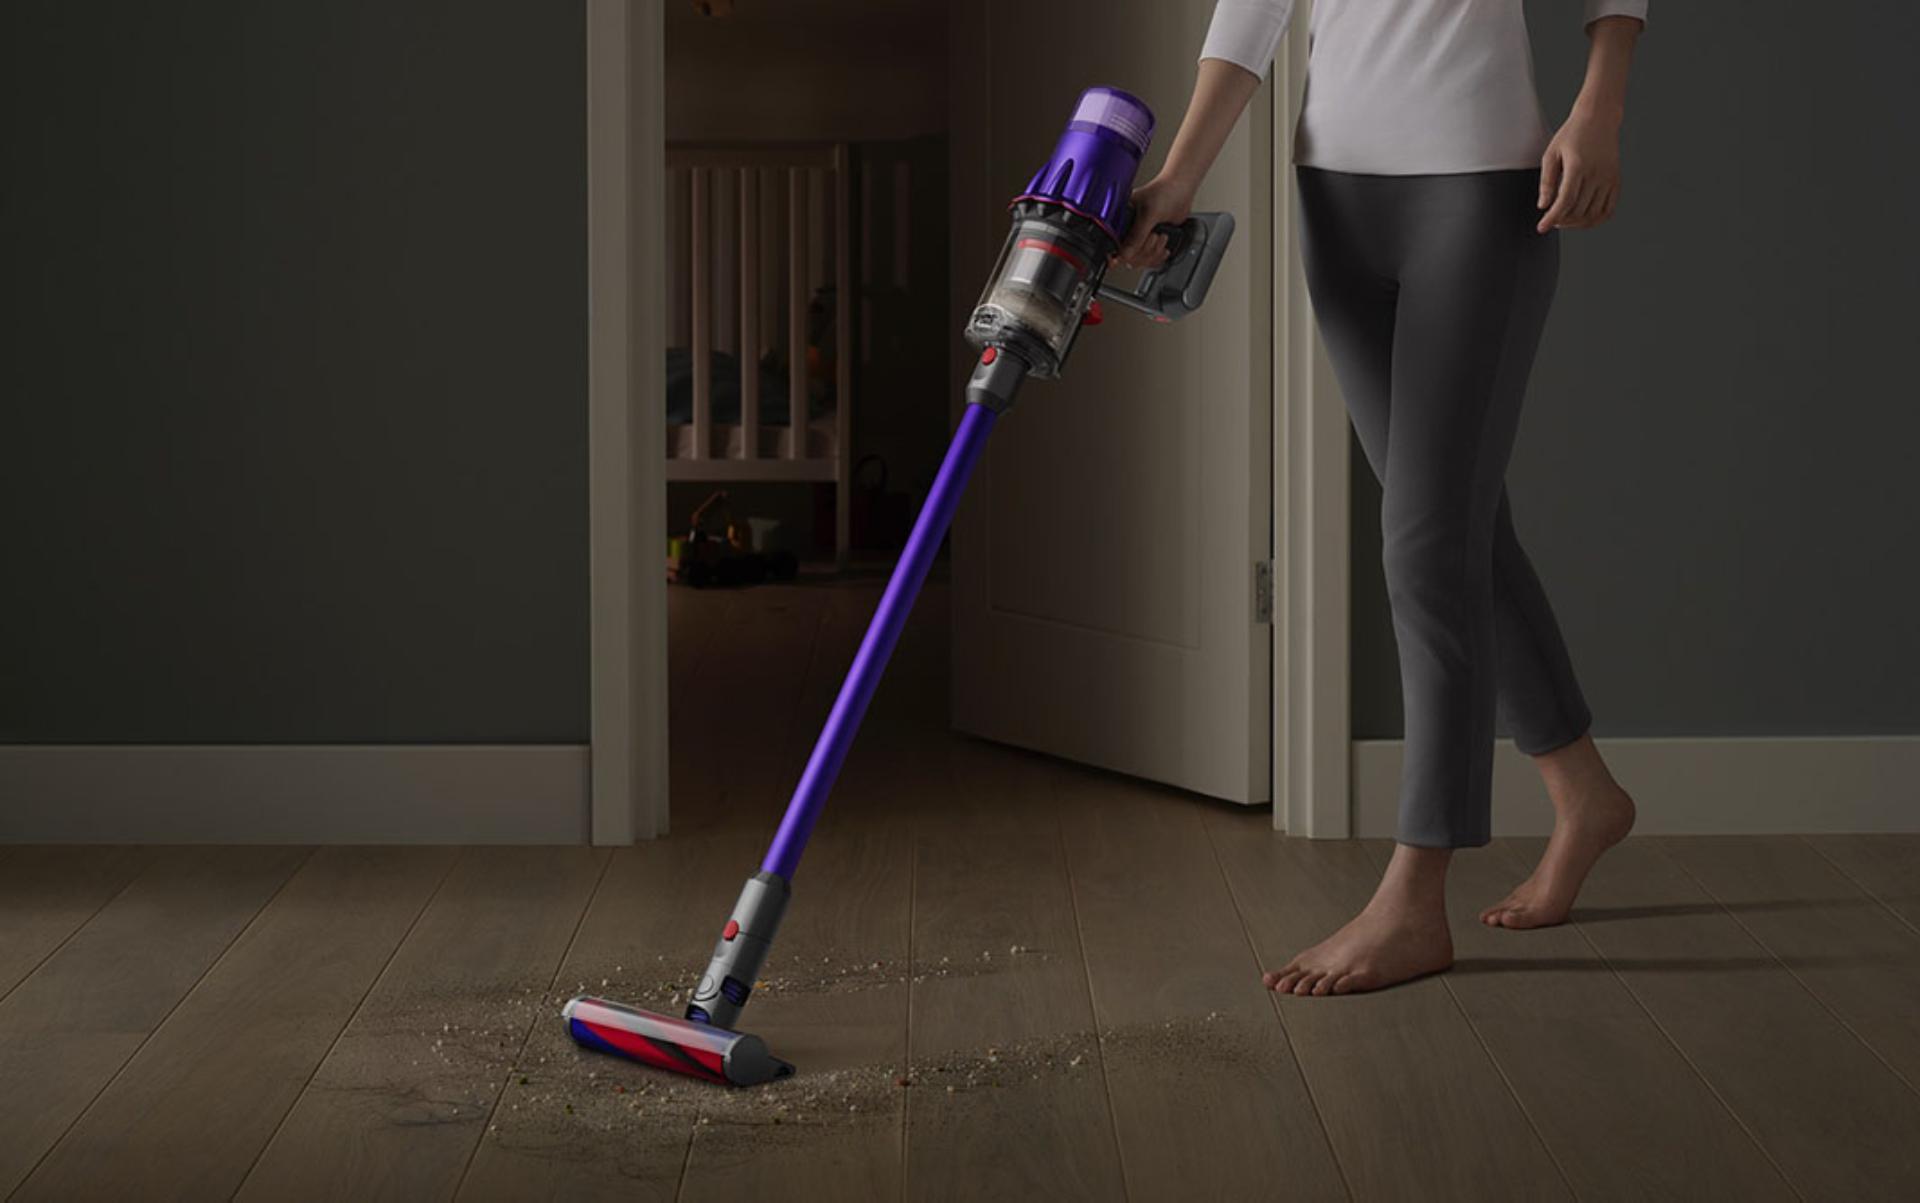 Máy hút bụi Dyson Digital Slim™ đang làm sạch sàn cứng cạnh cửa phòng ngủ.